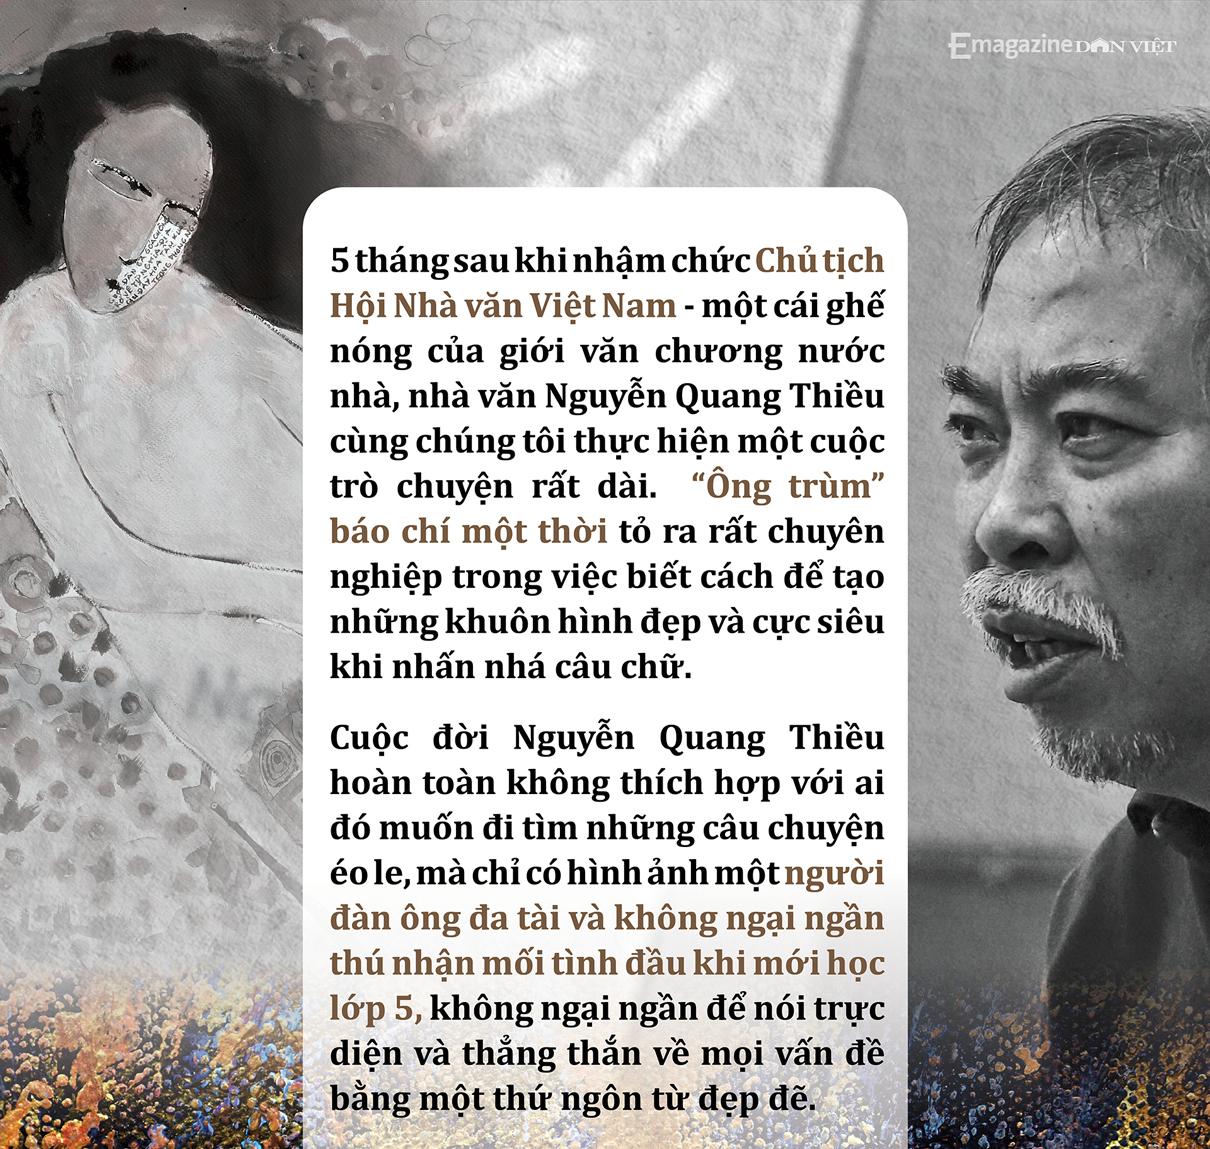 Nhà văn Nguyễn Quang Thiều: Sự đập cánh của đôi cánh tự do khác đôi chân của kẻ tuỳ tiện - Ảnh 1.